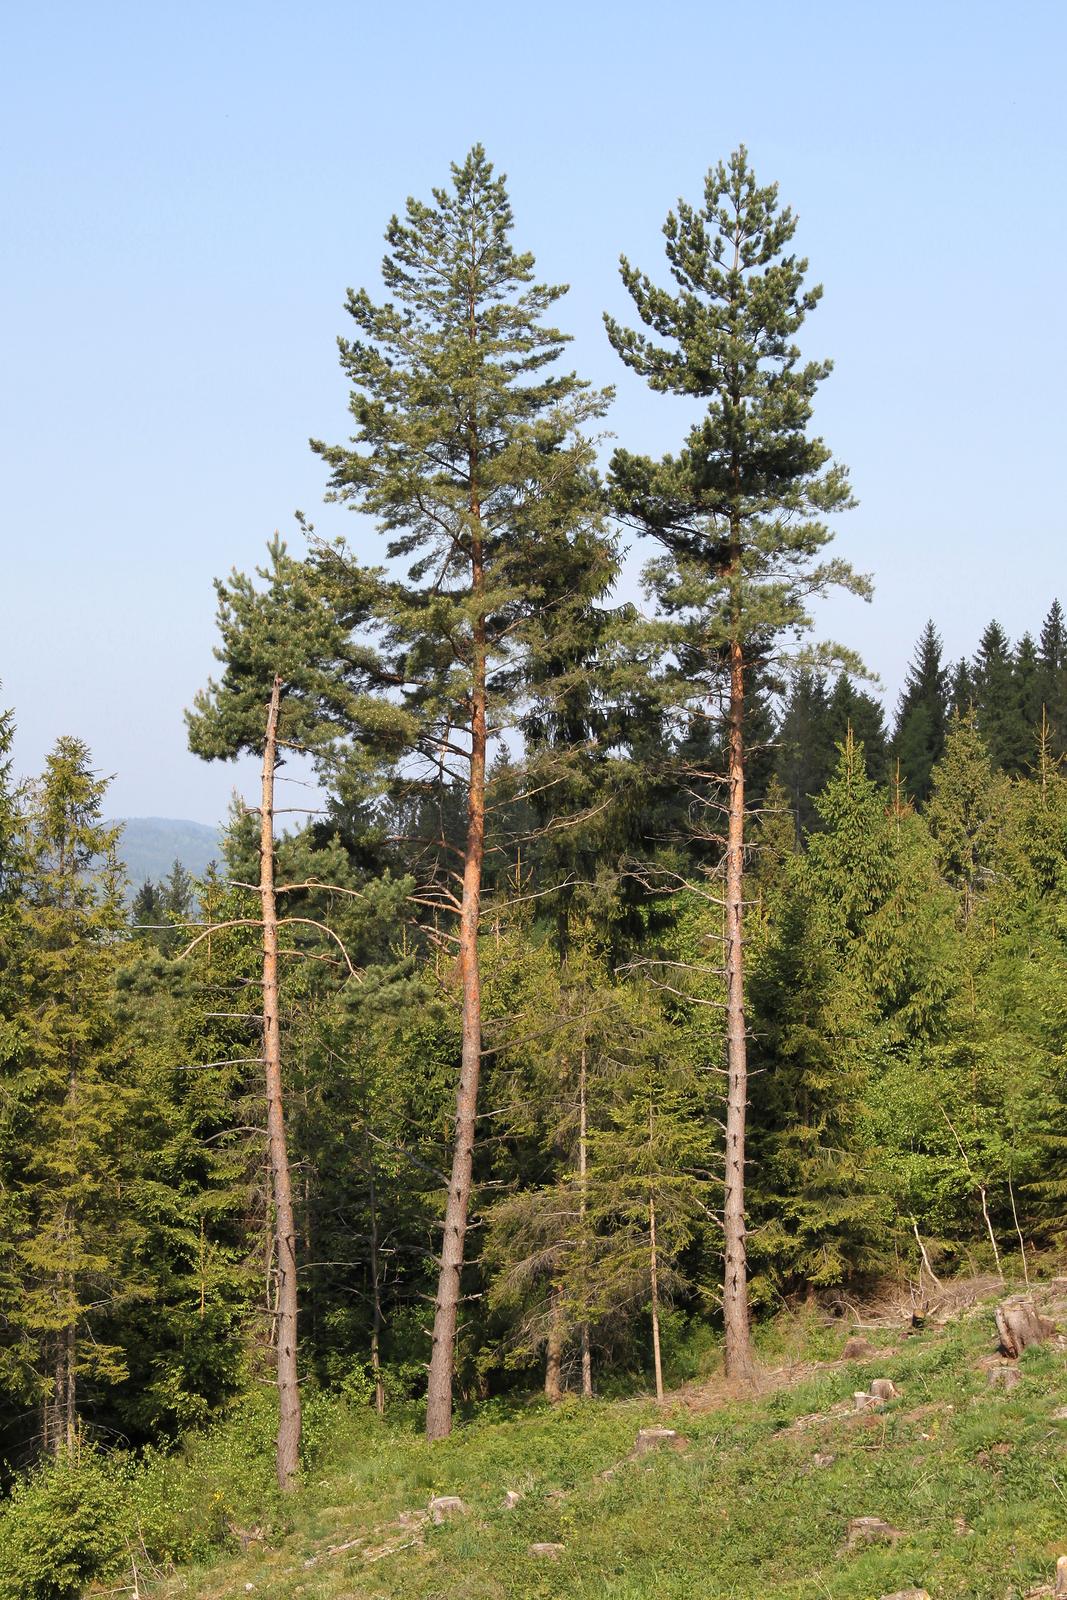 Zdjęcie przedstawiające sosny na skraju lasu. Drzewa mają wąskie, wysokie, brązowe pnie. Pnie są pozbawione gałezi na dole. Gałezie wyrastają wgórnej części pnia. Gałęzie są rozmieszczone rzadko ipodłoże pod drzewami jest oświetlone.